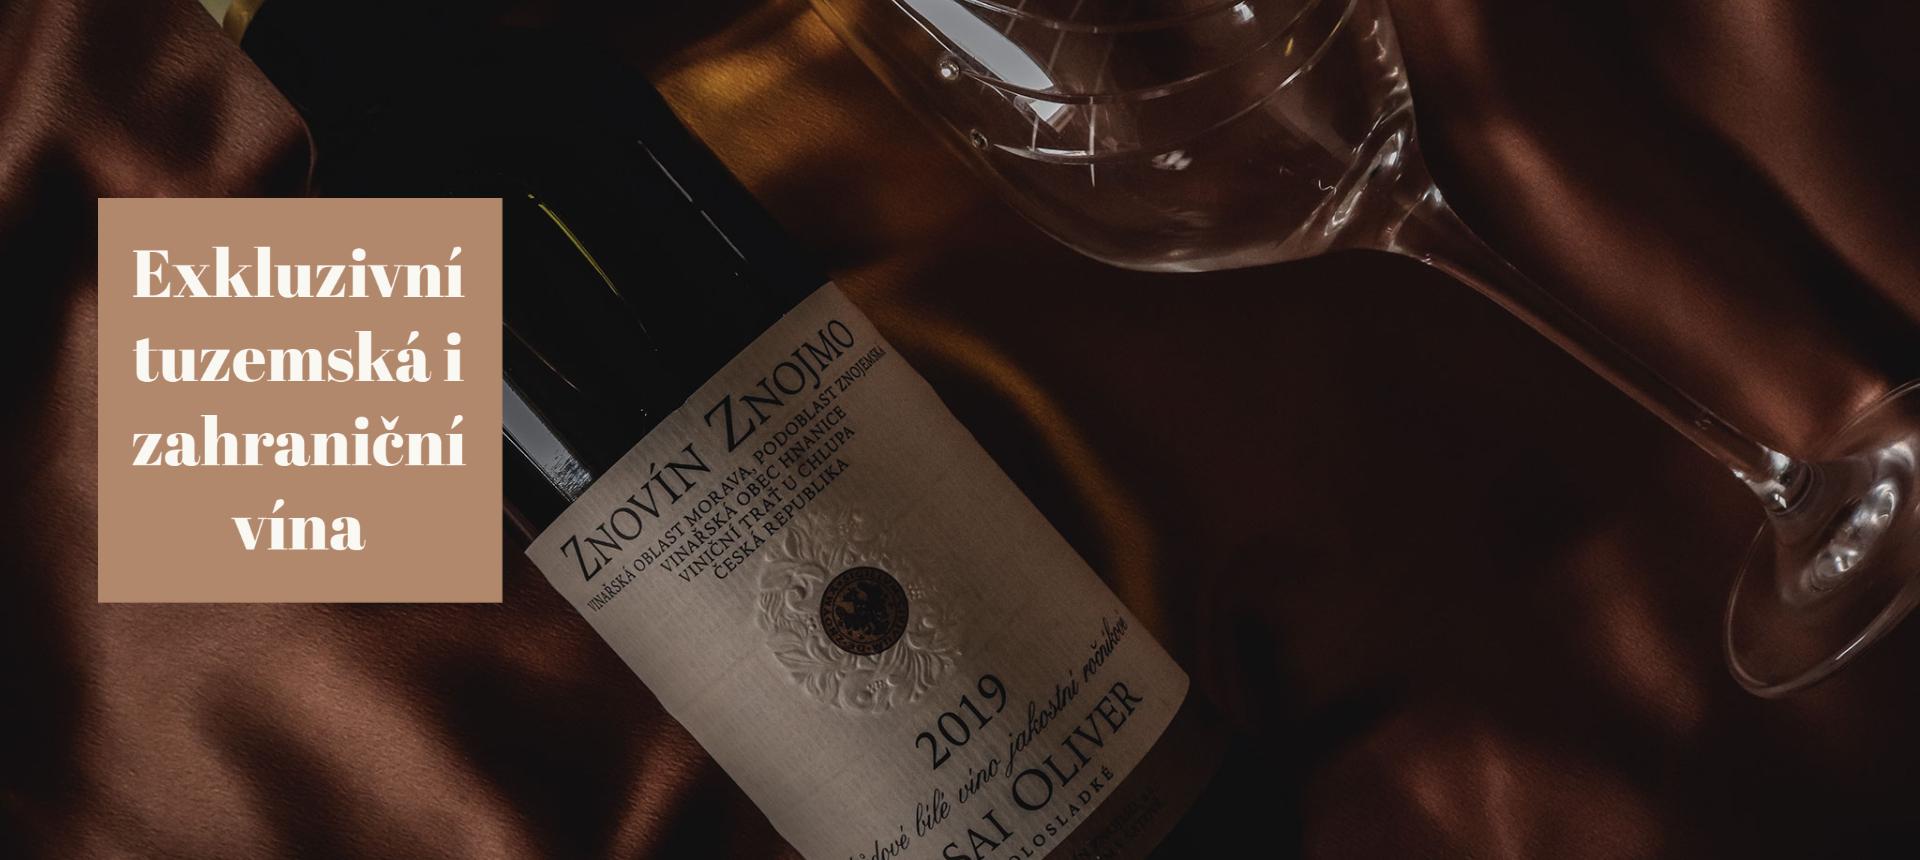 Exkluzivní tuzemská i zahraniční vína